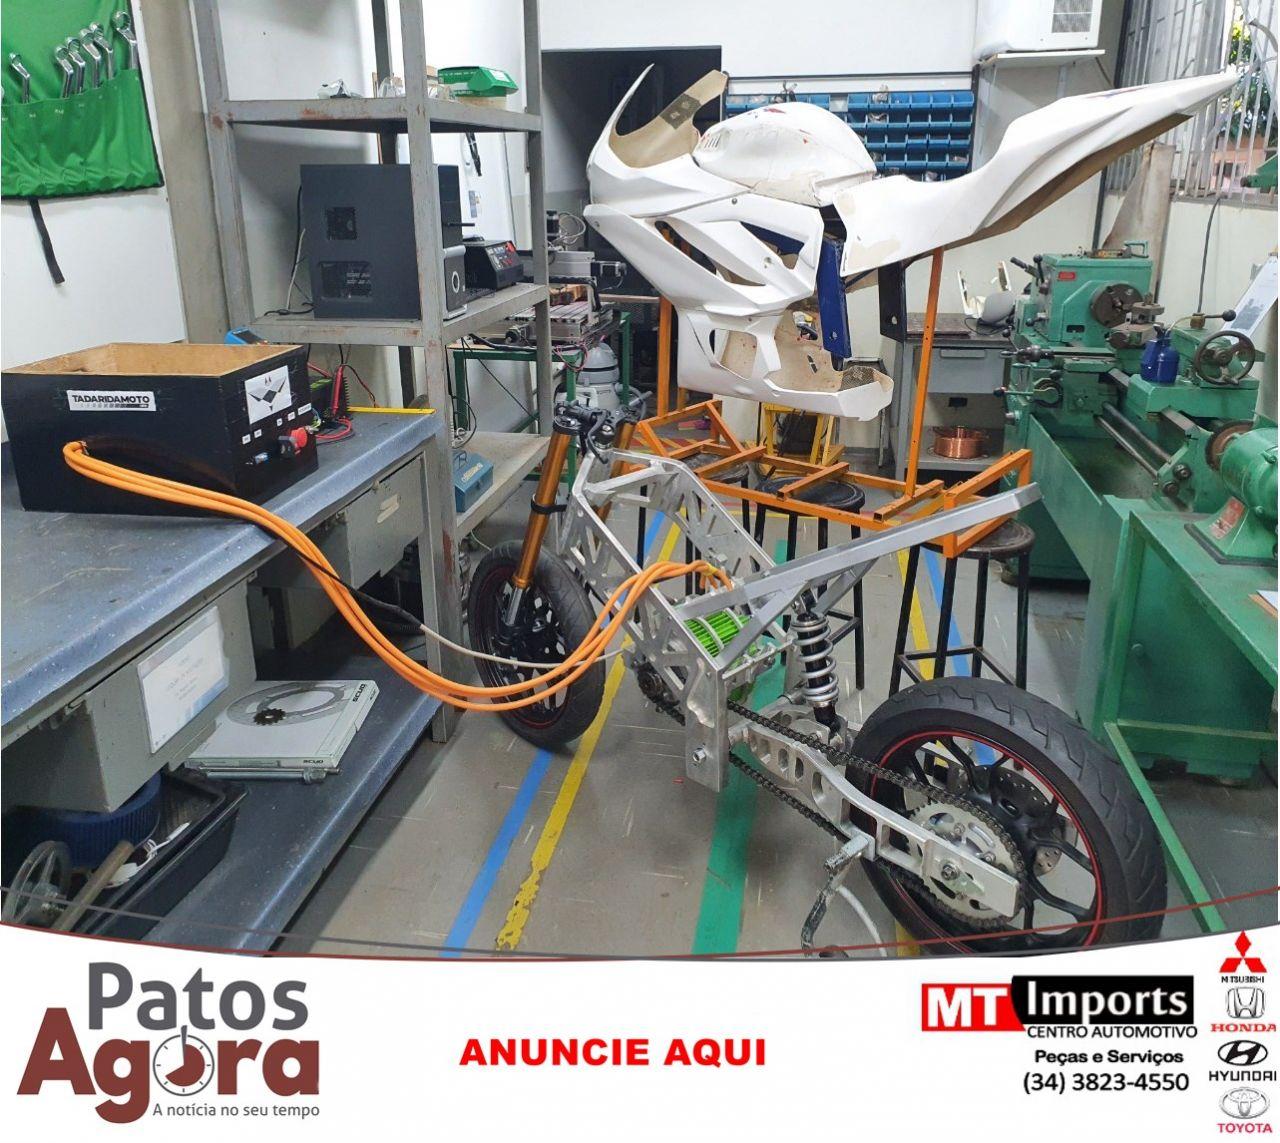 Alunos da UFU constroem primeira motocicleta elétrica no Brasil